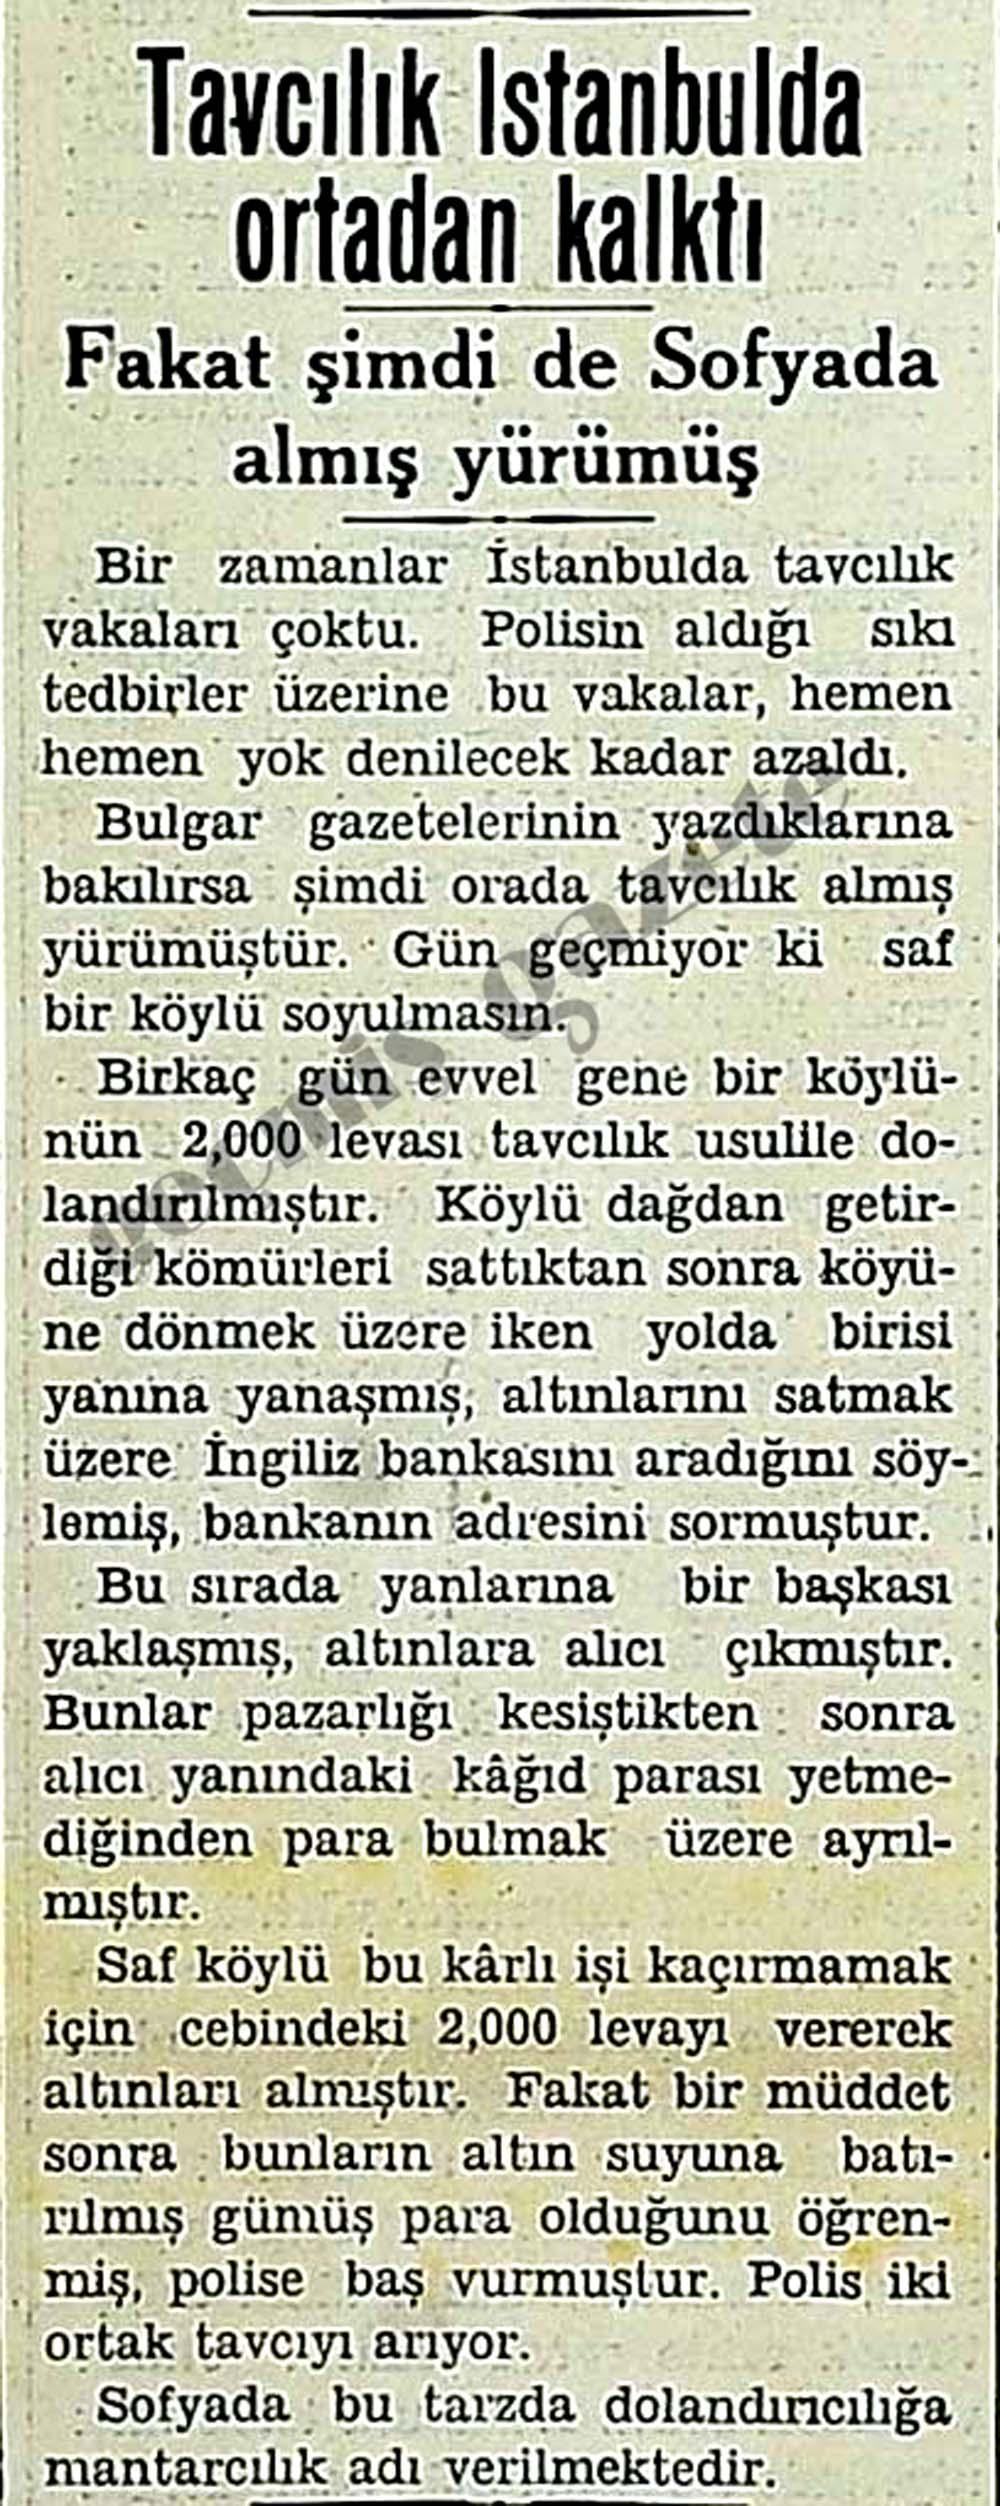 Tavcılık İstanbulda ortadan kalktı fakat Sofyada almış yürümüş